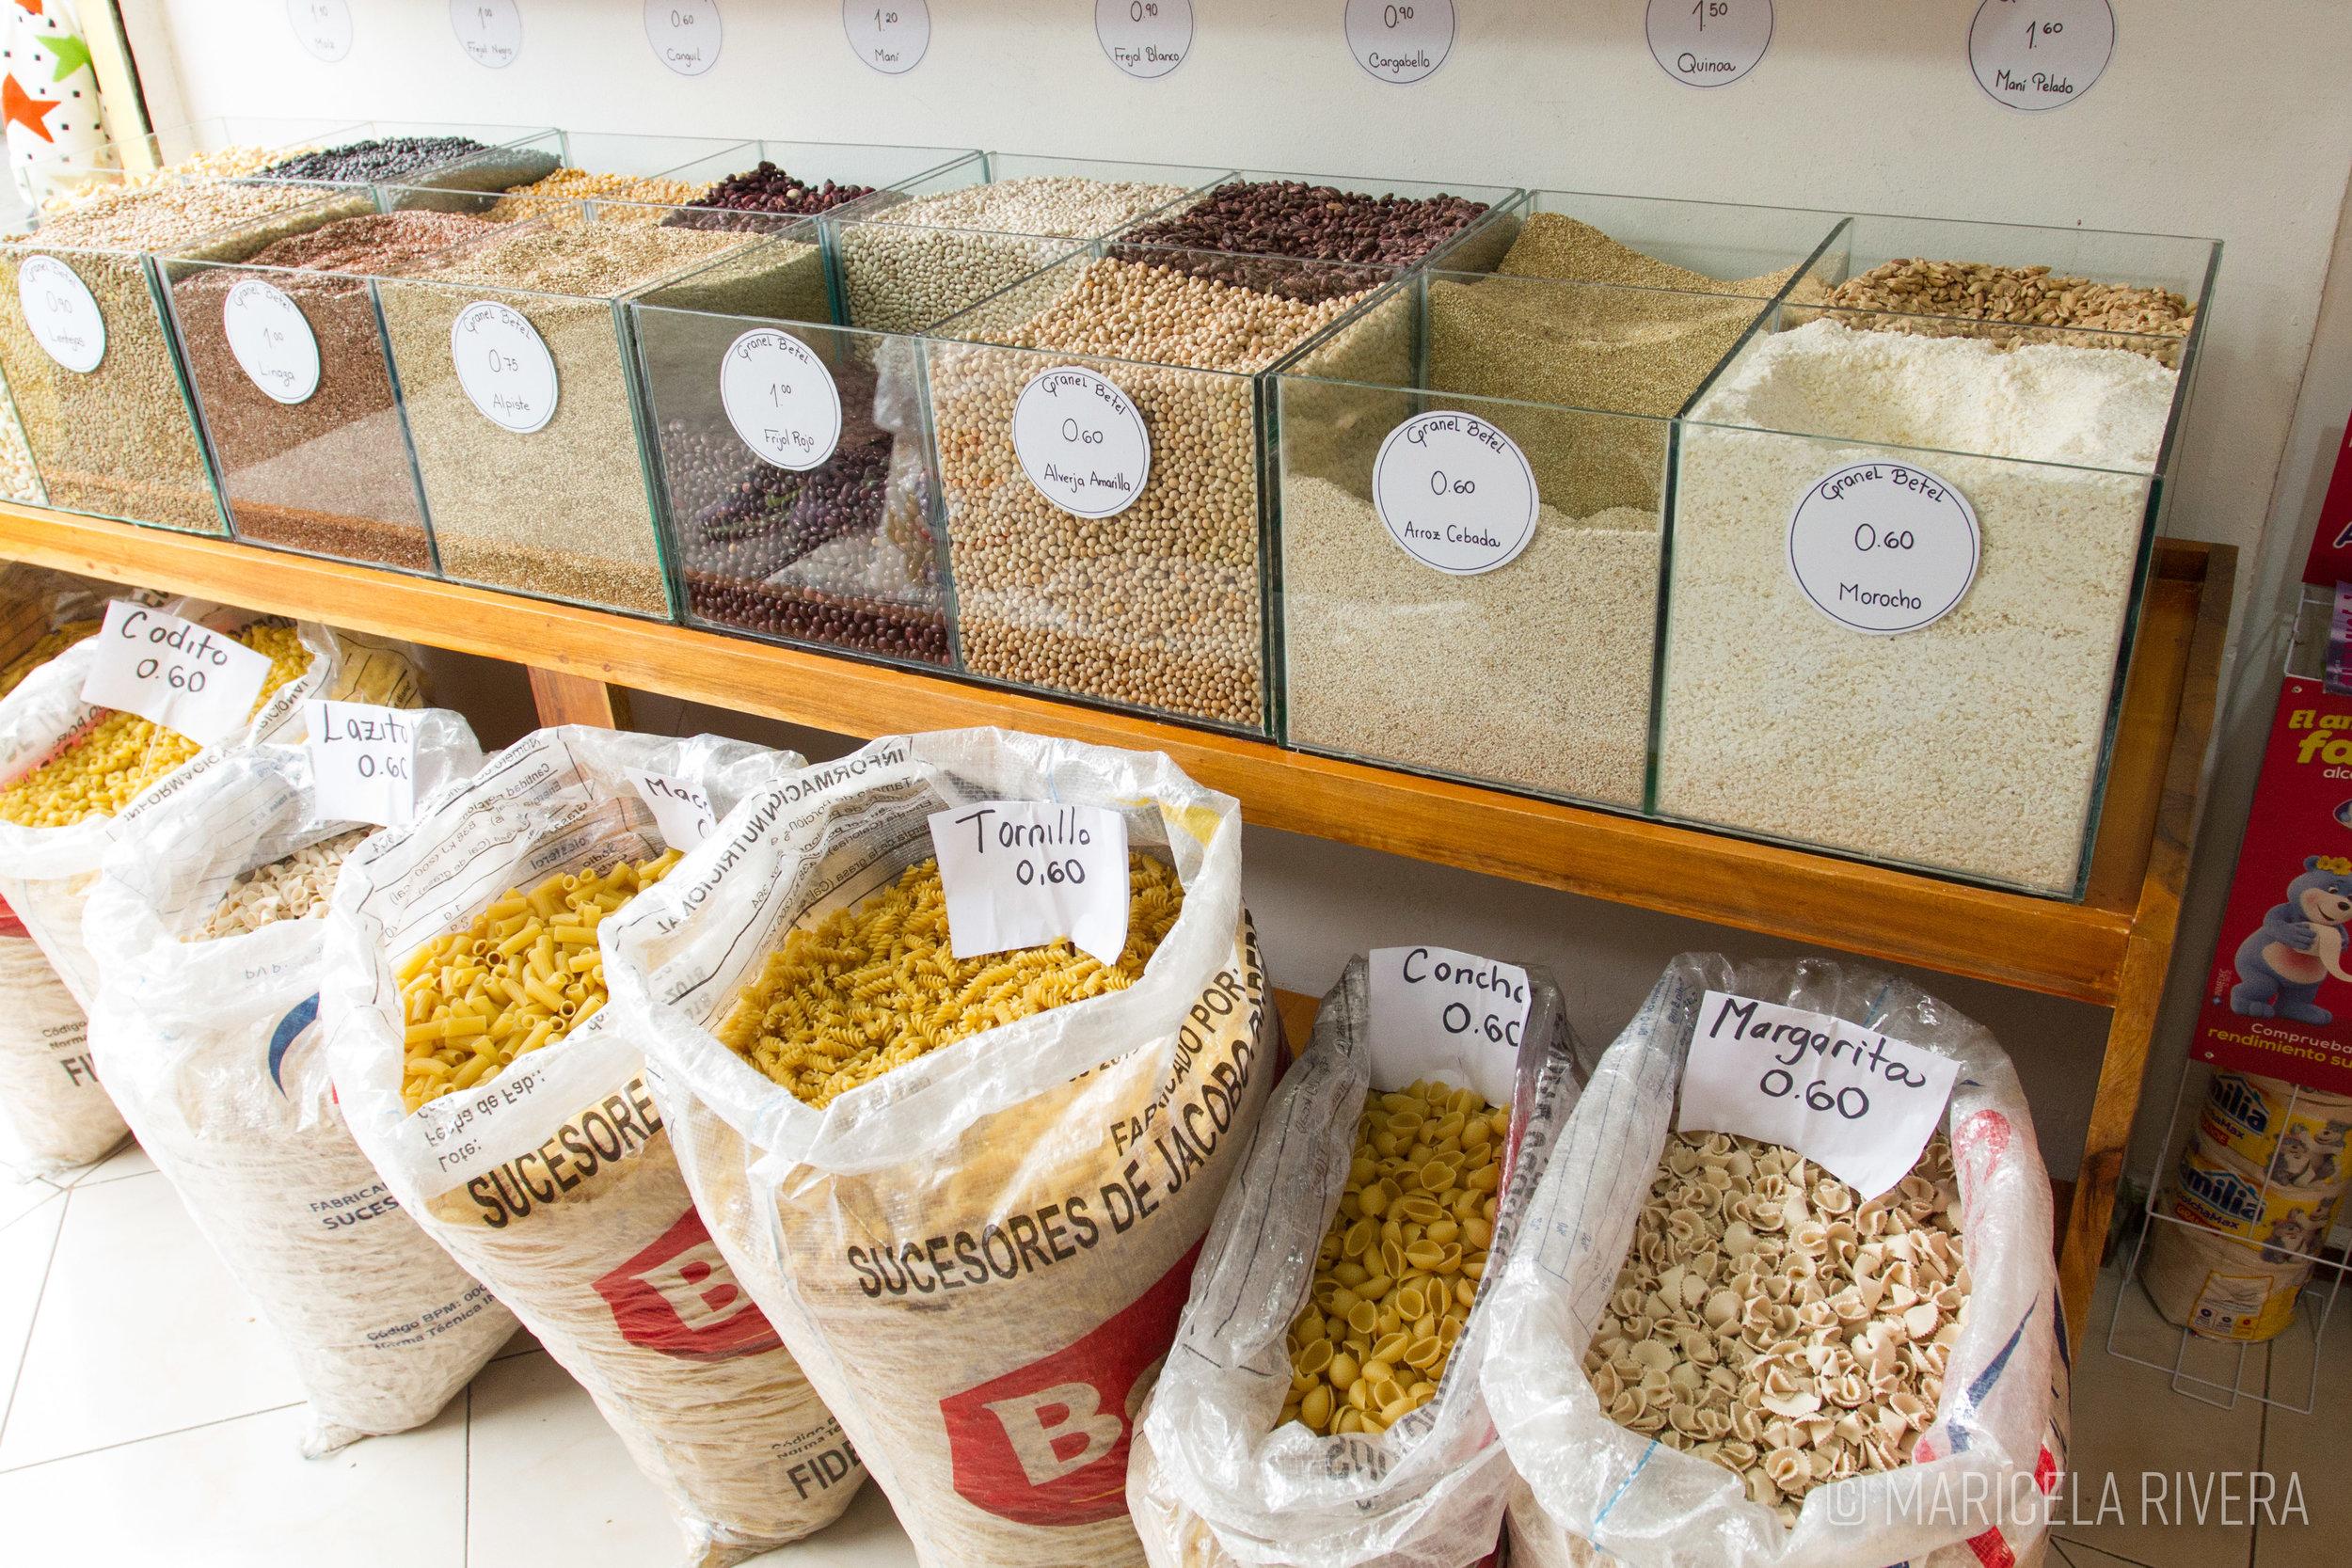 Tienda de productos al peso en los alrededores del mercado Santa Clara, calle Gustavo Darquea. Fotografía: Maricela Rivera.